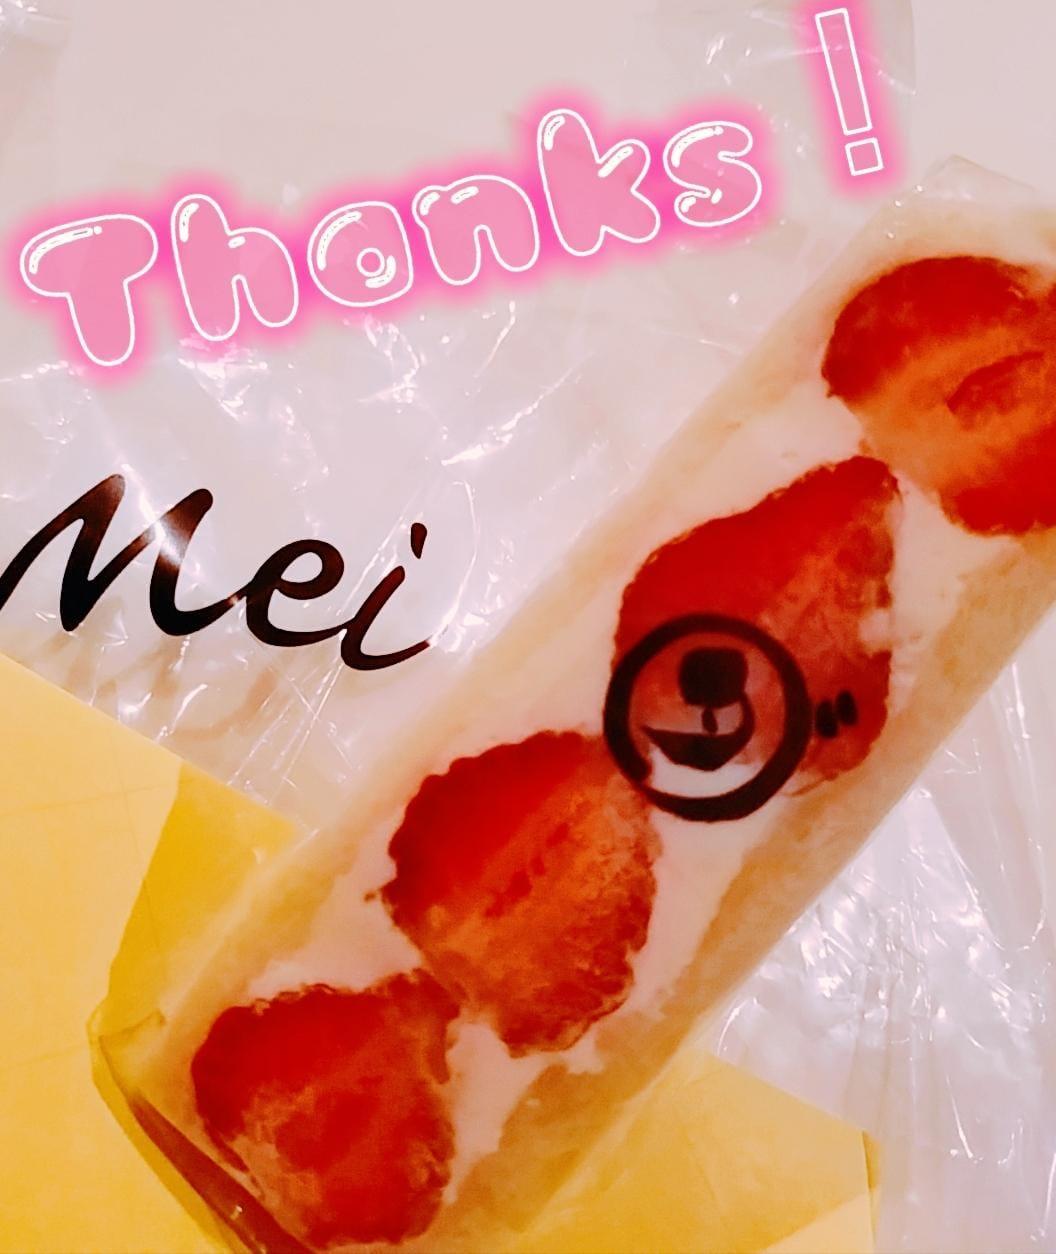 「お礼ですっ(*´꒳`♡)」03/07(03/07) 20:48 | 宮下しずかの写メ・風俗動画